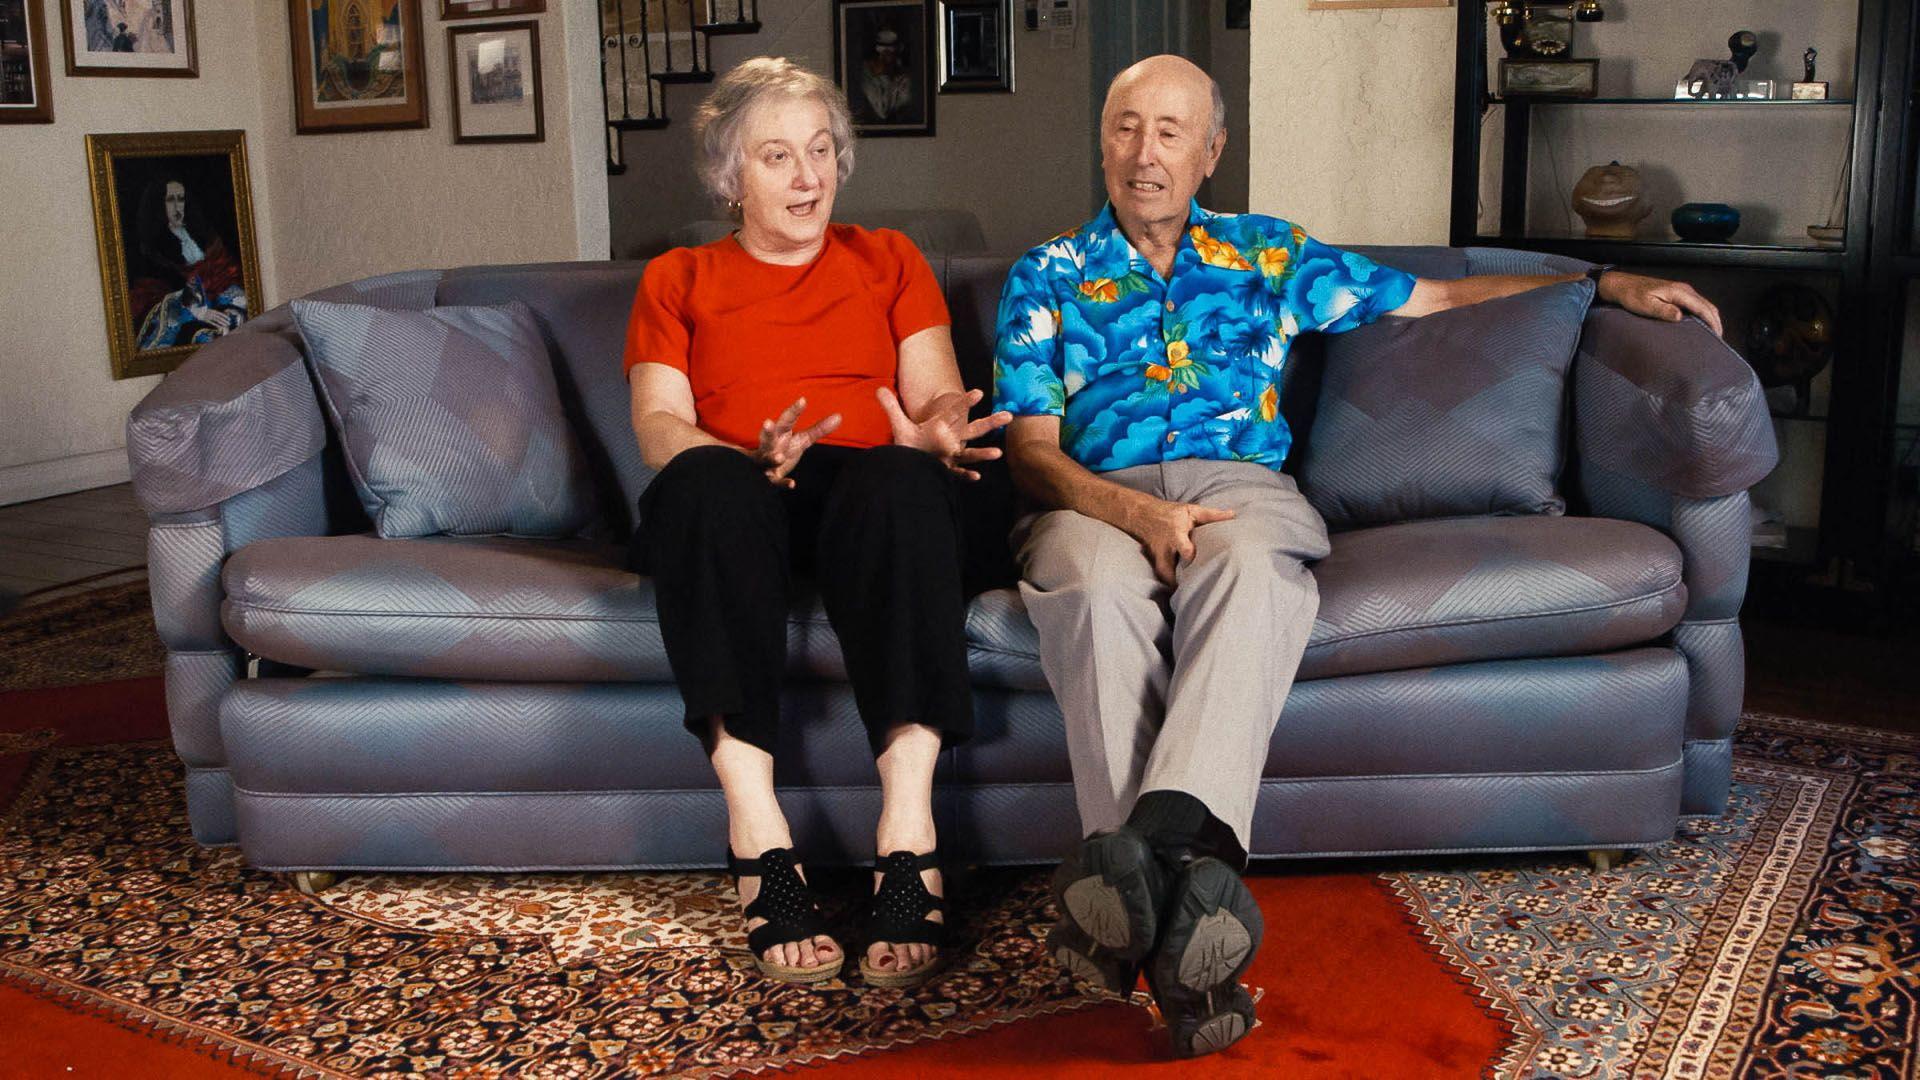 Melegpornóban utazott a nyugdíjas házaspár